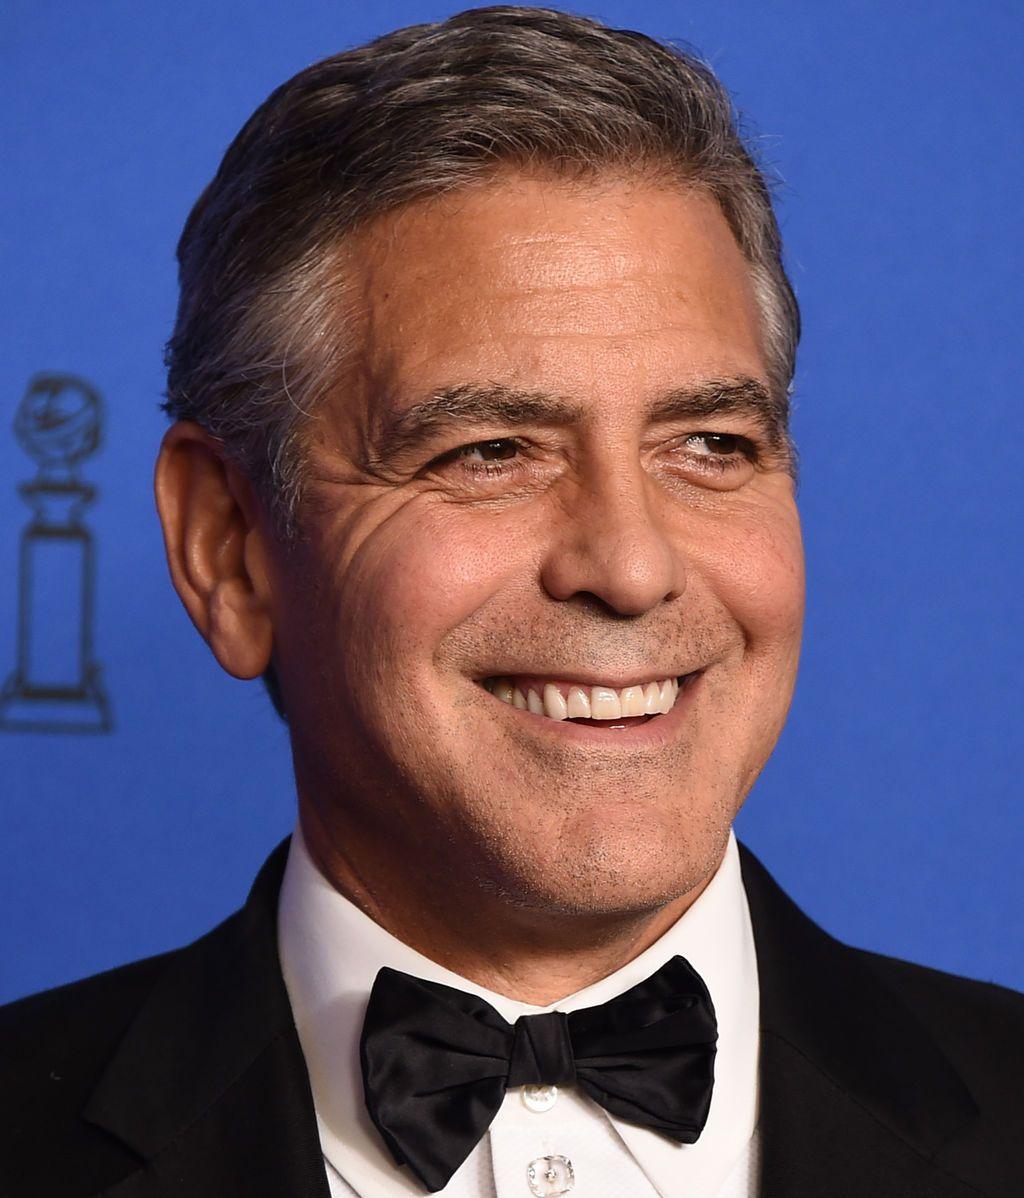 1. George Clooney